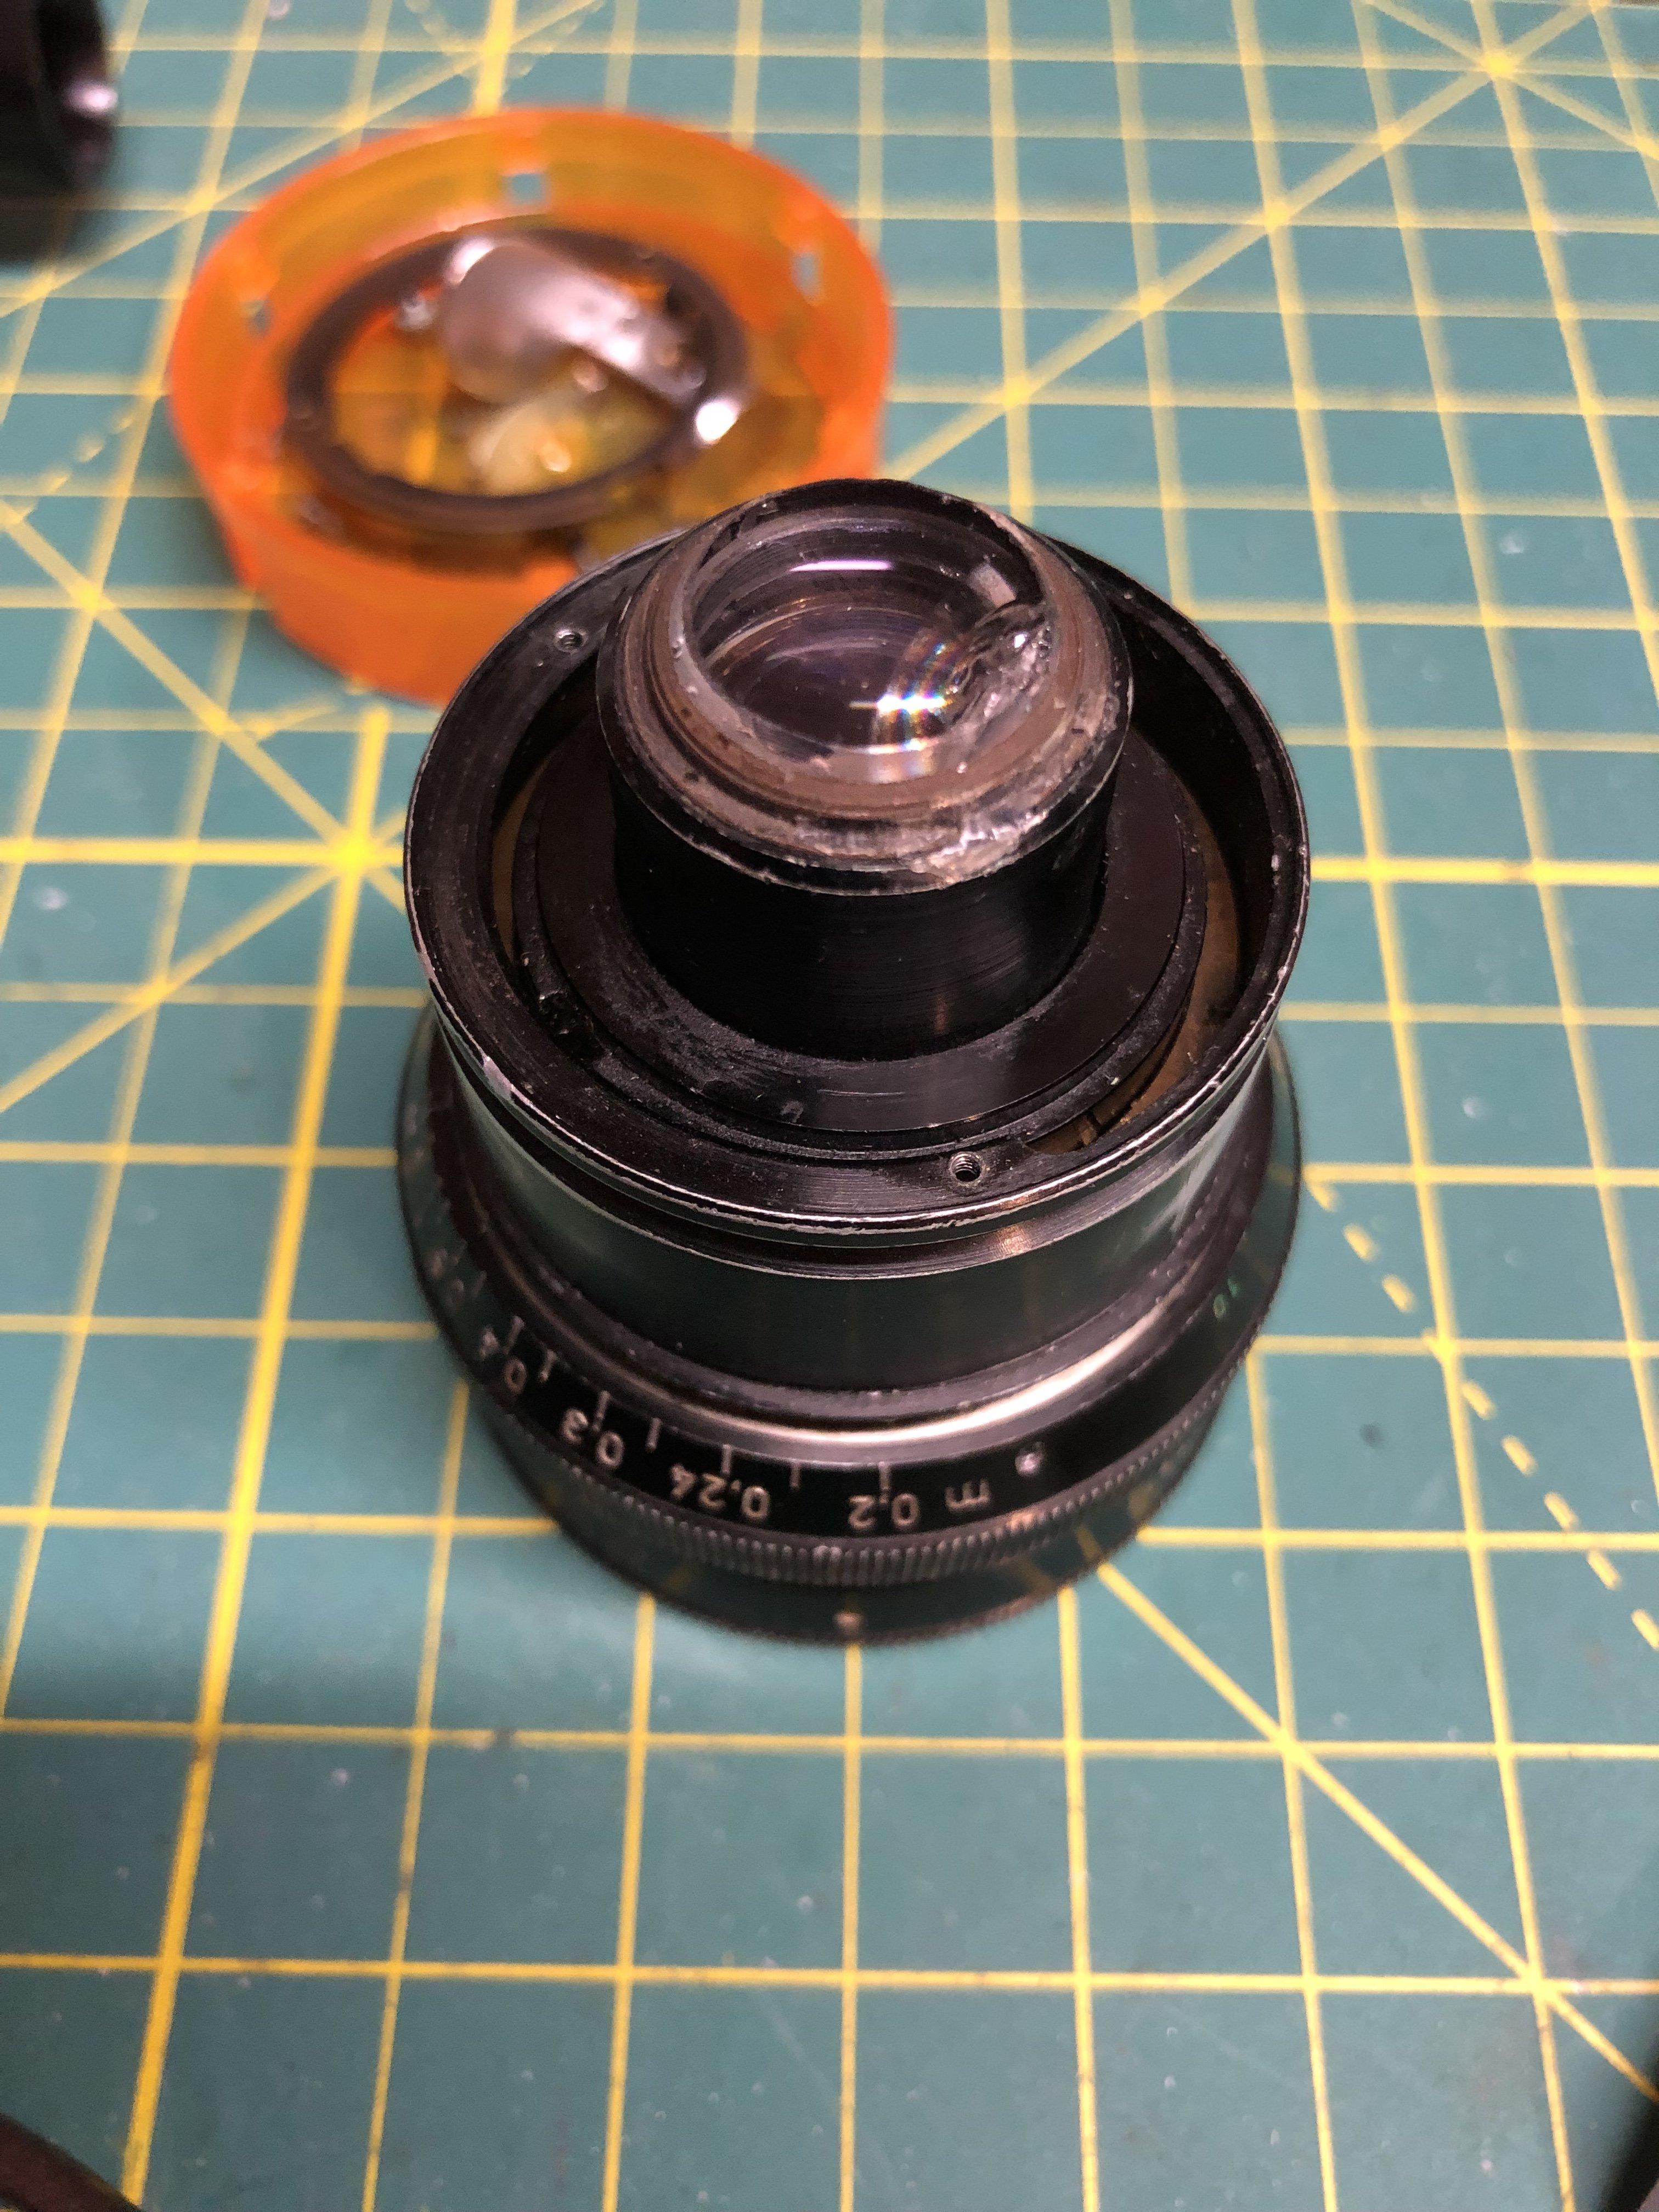 7BF7DC4D-A386-45F6-8127-131AAC68DC5D.jpeg